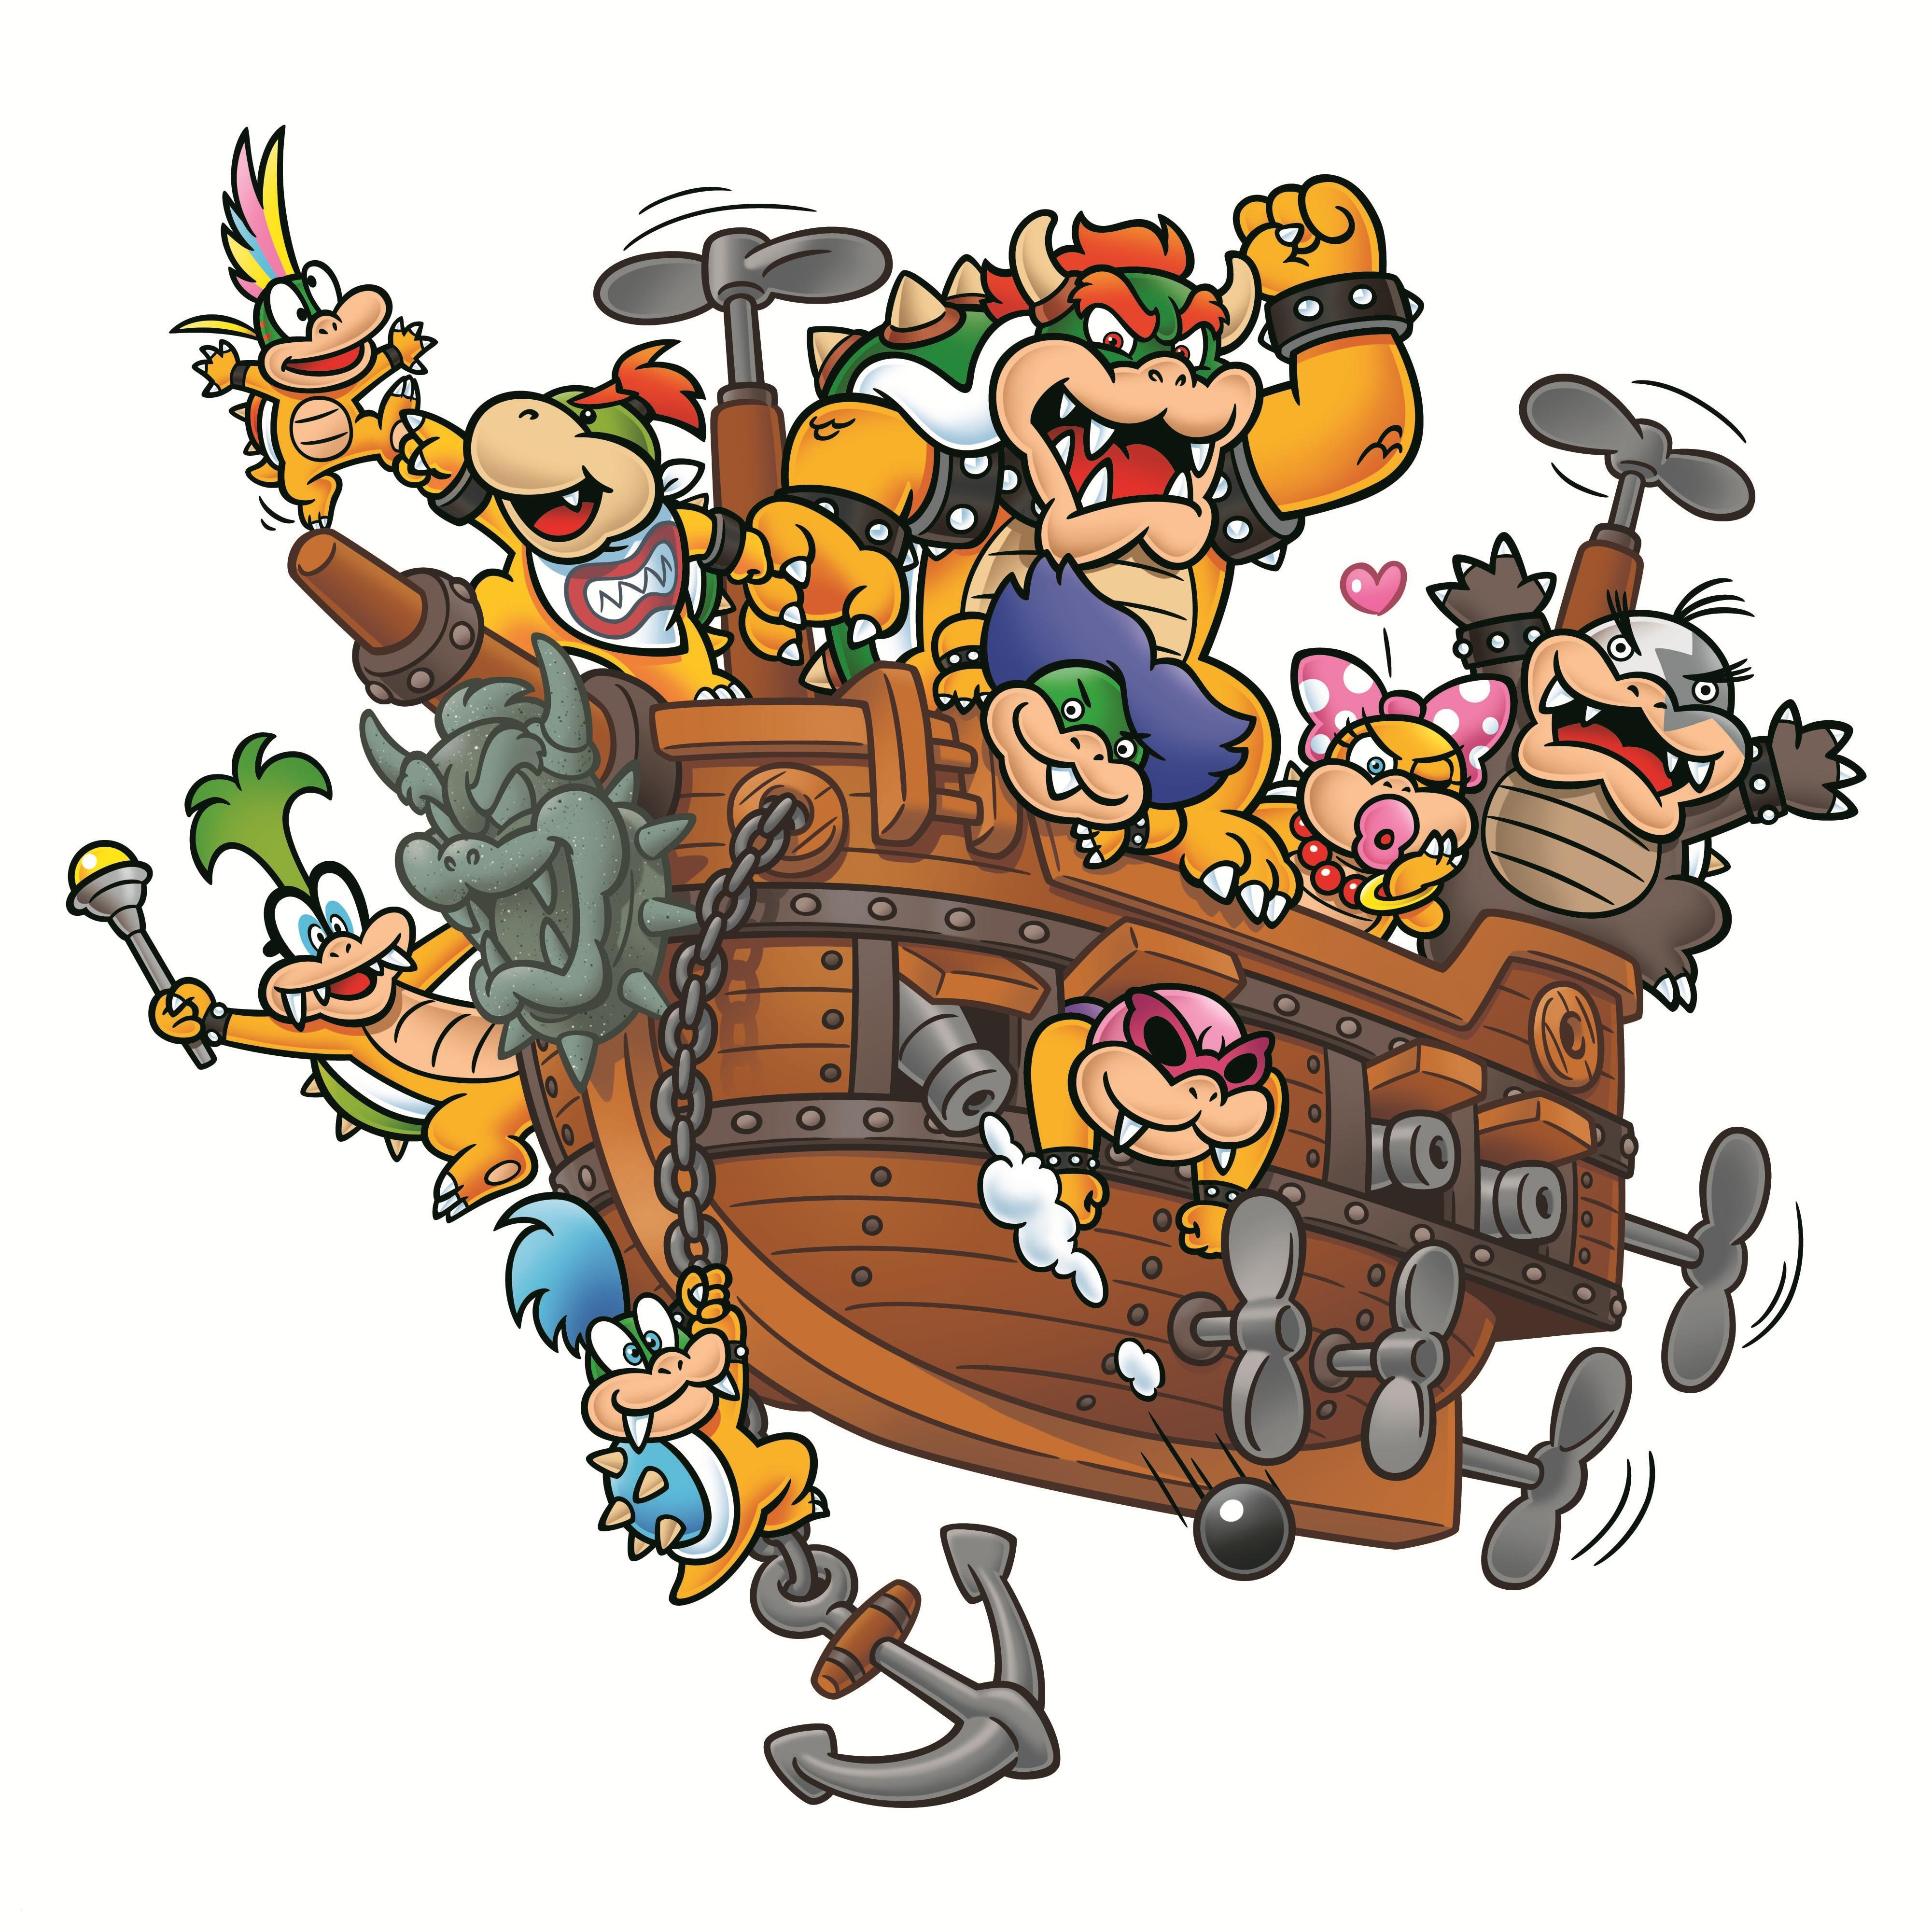 Ausmalbild Super Mario Einzigartig Koopa Mariowiki Schön Ausmalbilder Super Mario Bowser Galerie